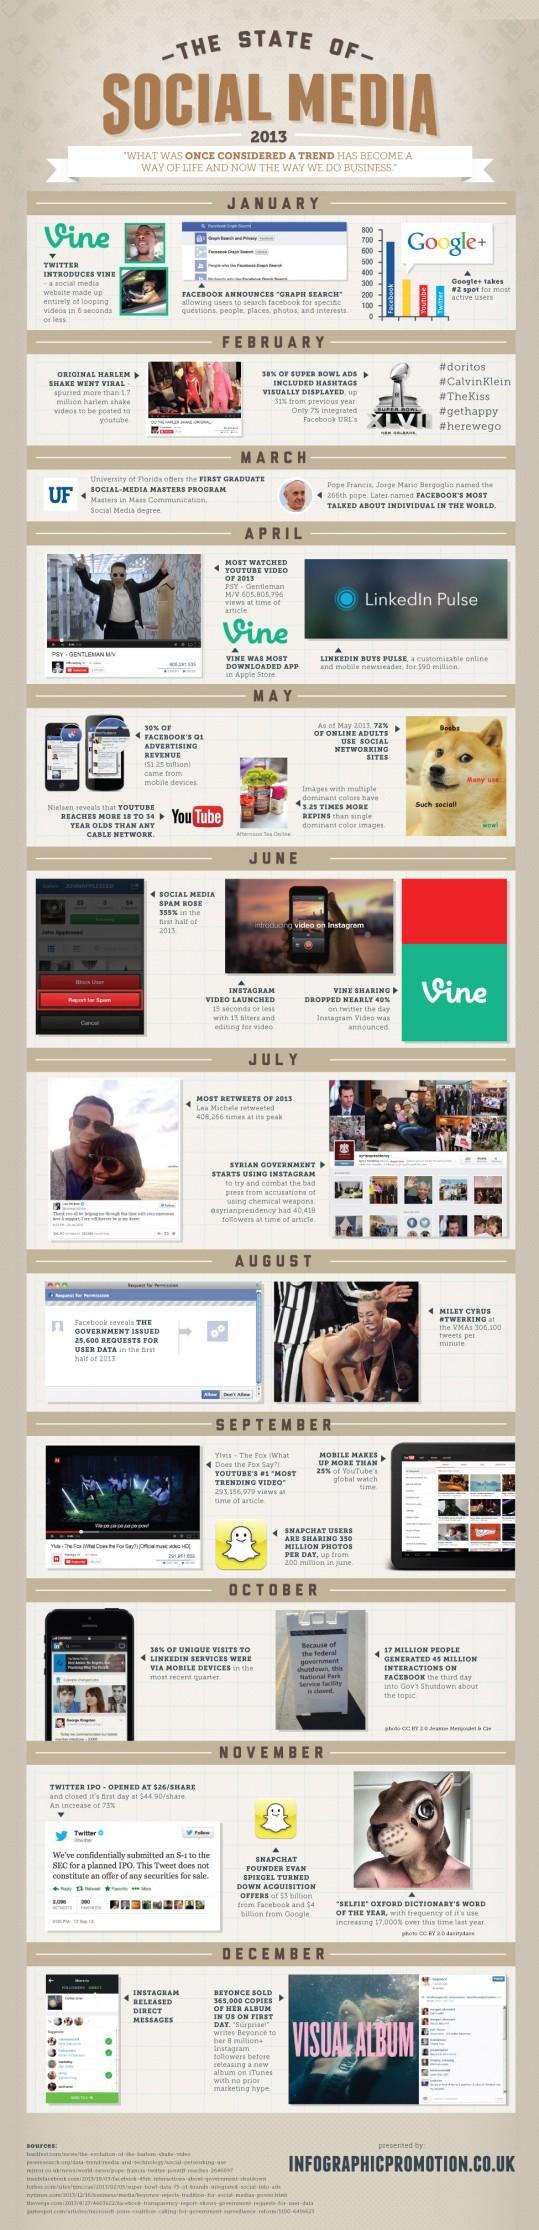 state-of-social-media-20131-e1388706873131